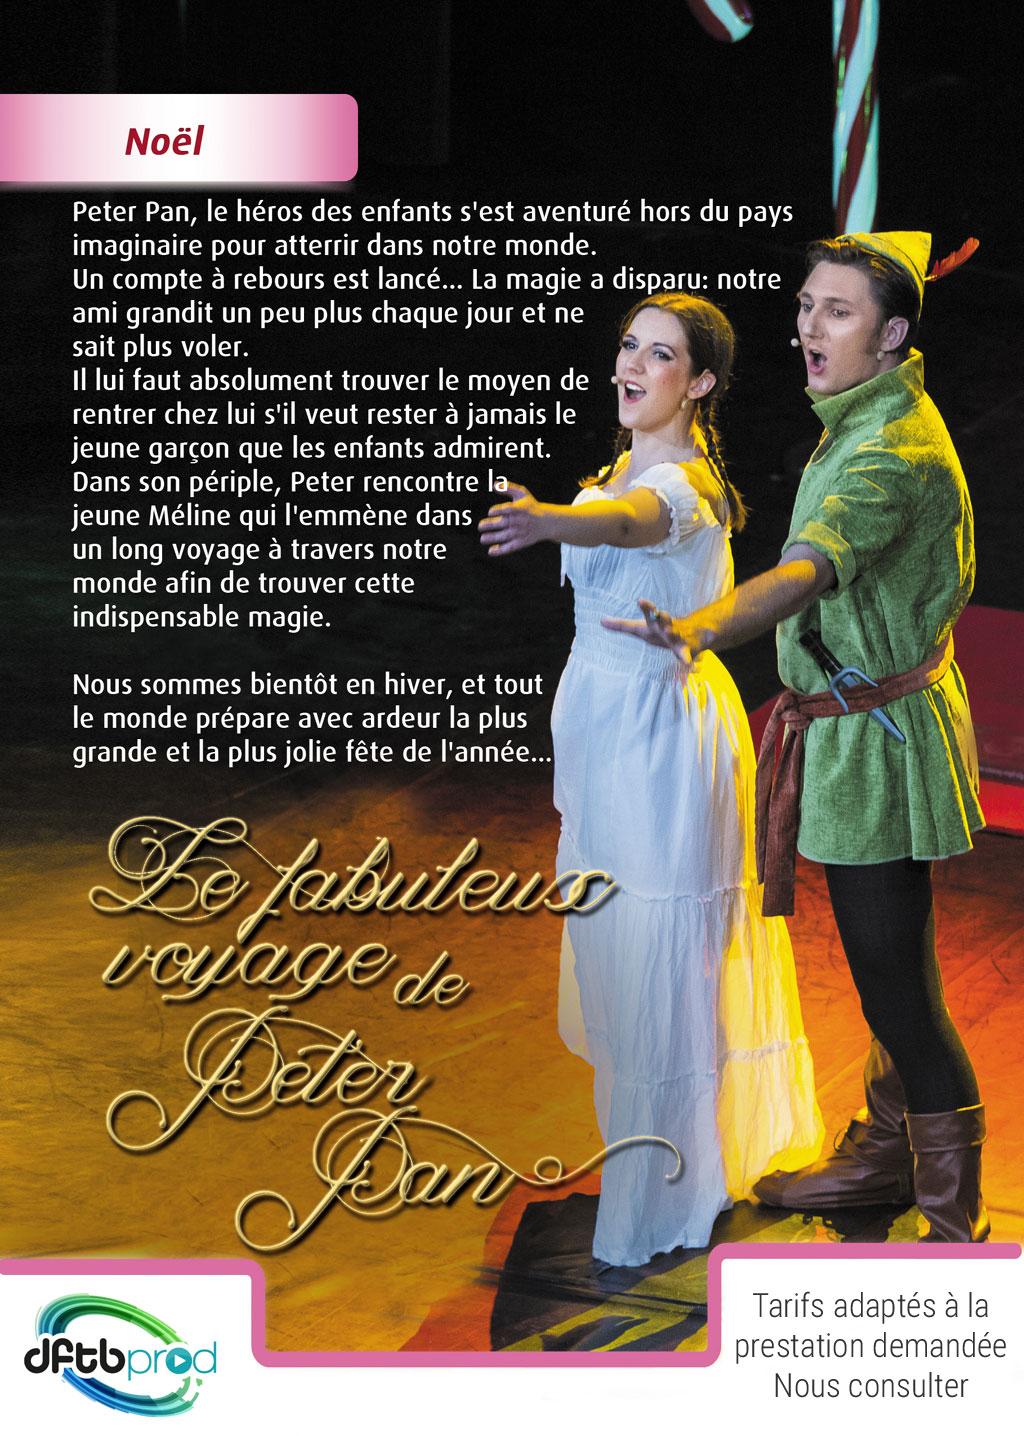 Le fabuleux voyage de Peter Pan